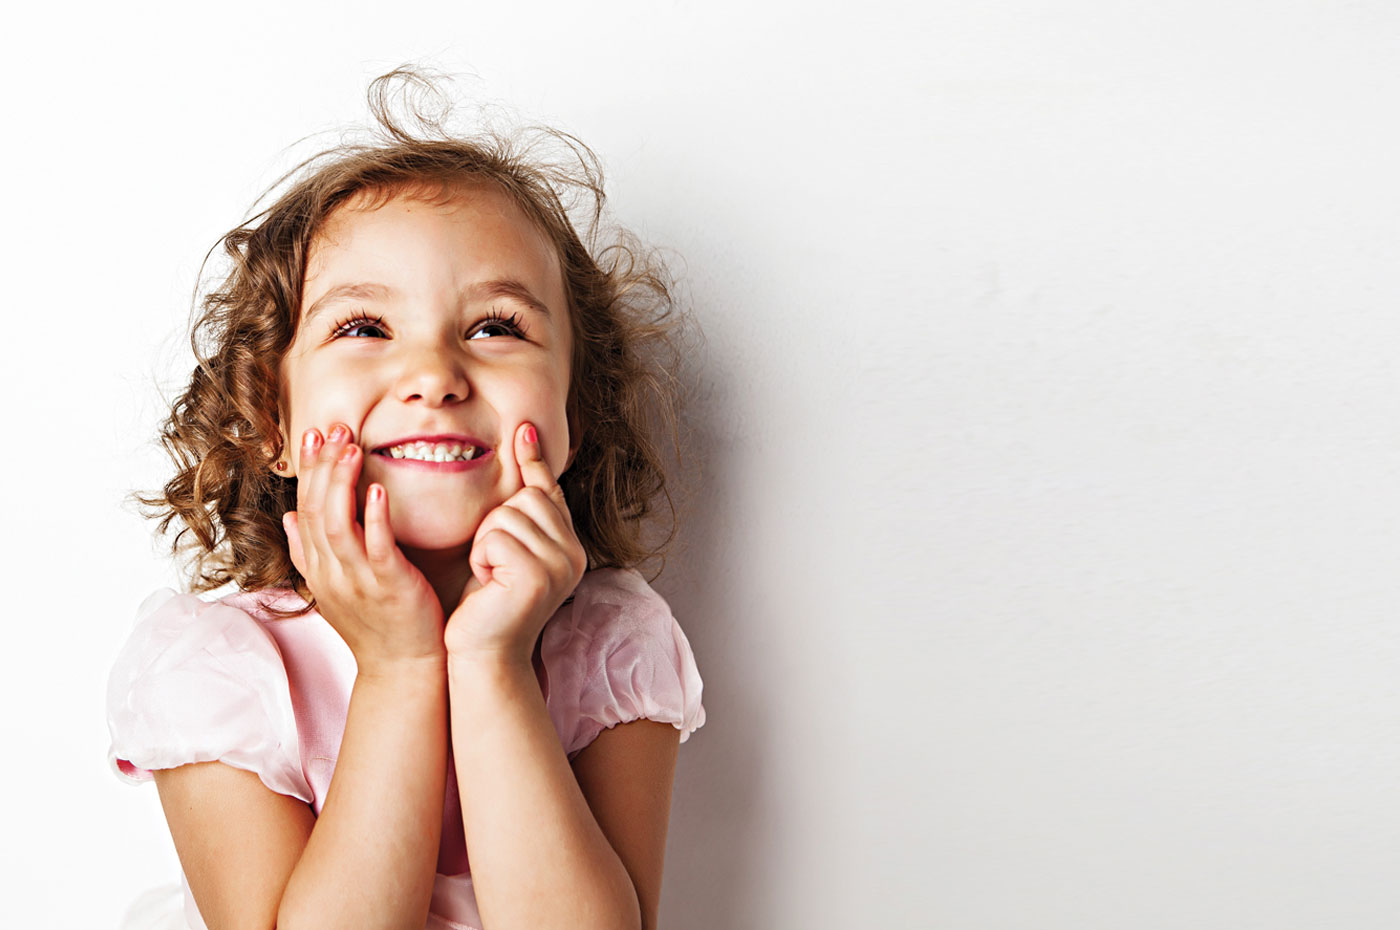 ΔΩΡΕΑΝ βιβλίο δραστηριοτήτων για μικρά παιδιά  «Ο Μαγικός Κόσμος των Αισθήσεων»